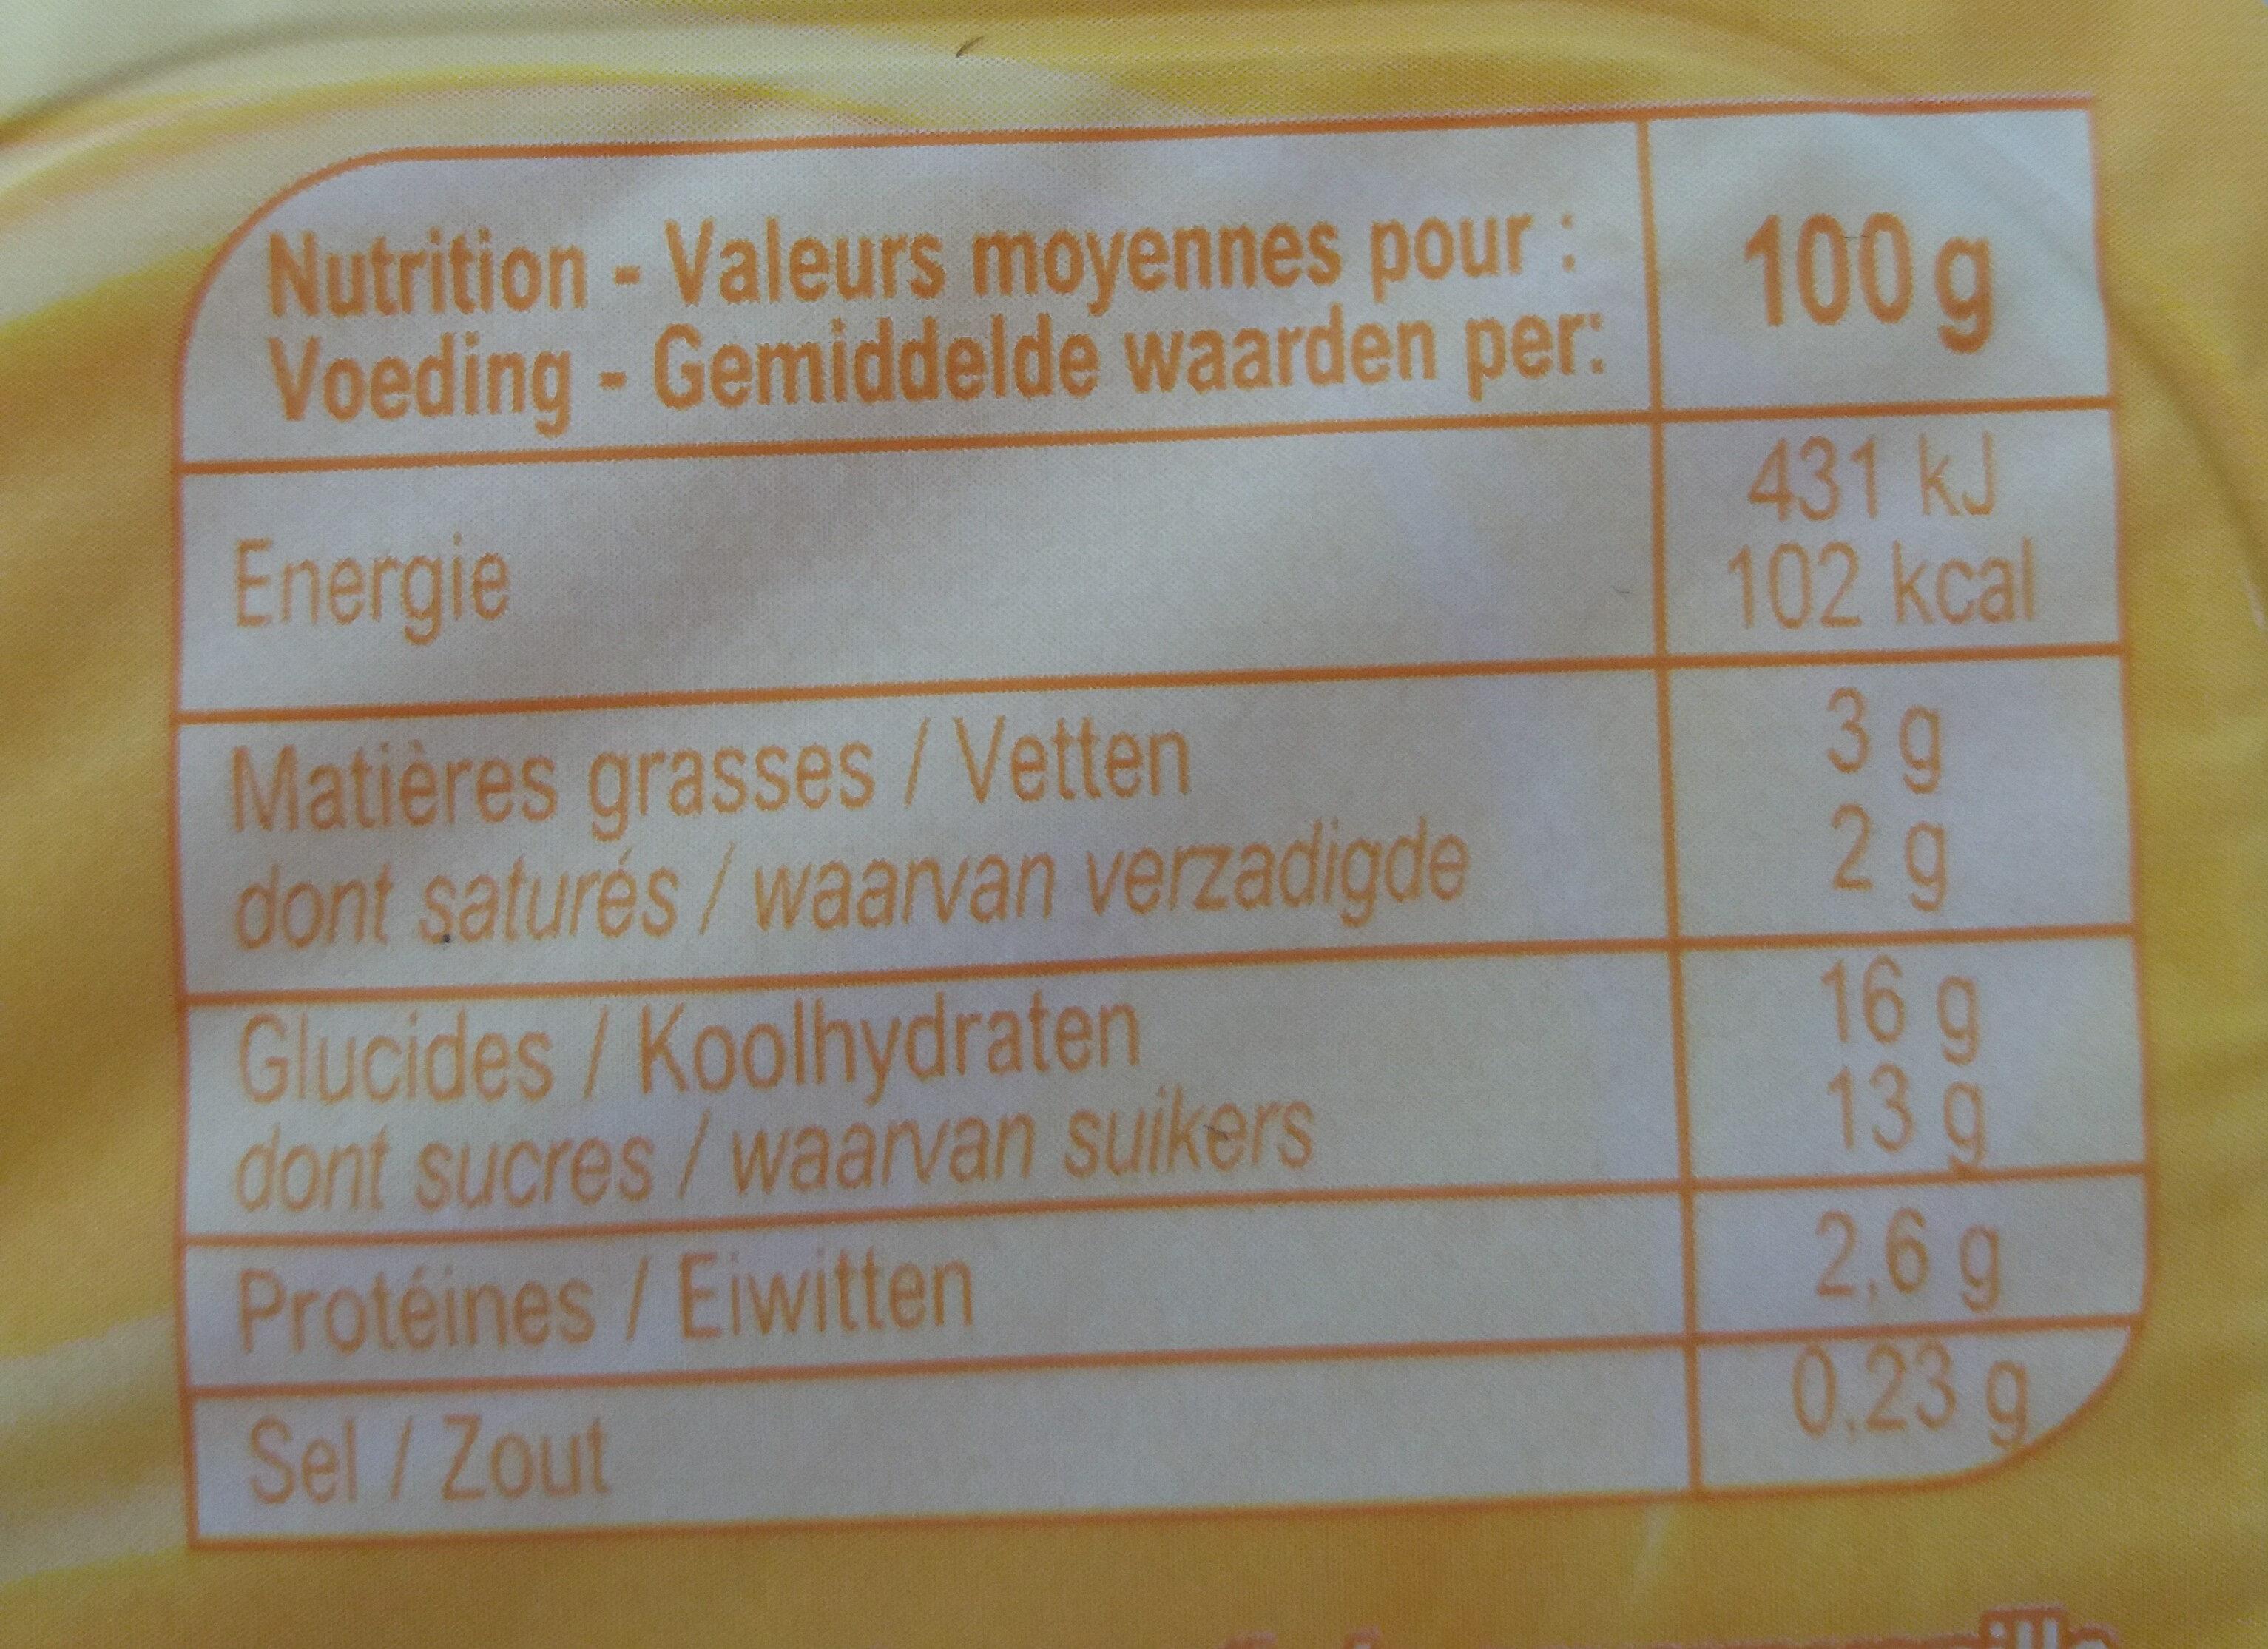 Pudding Vanillesmaak - Voedingswaarden